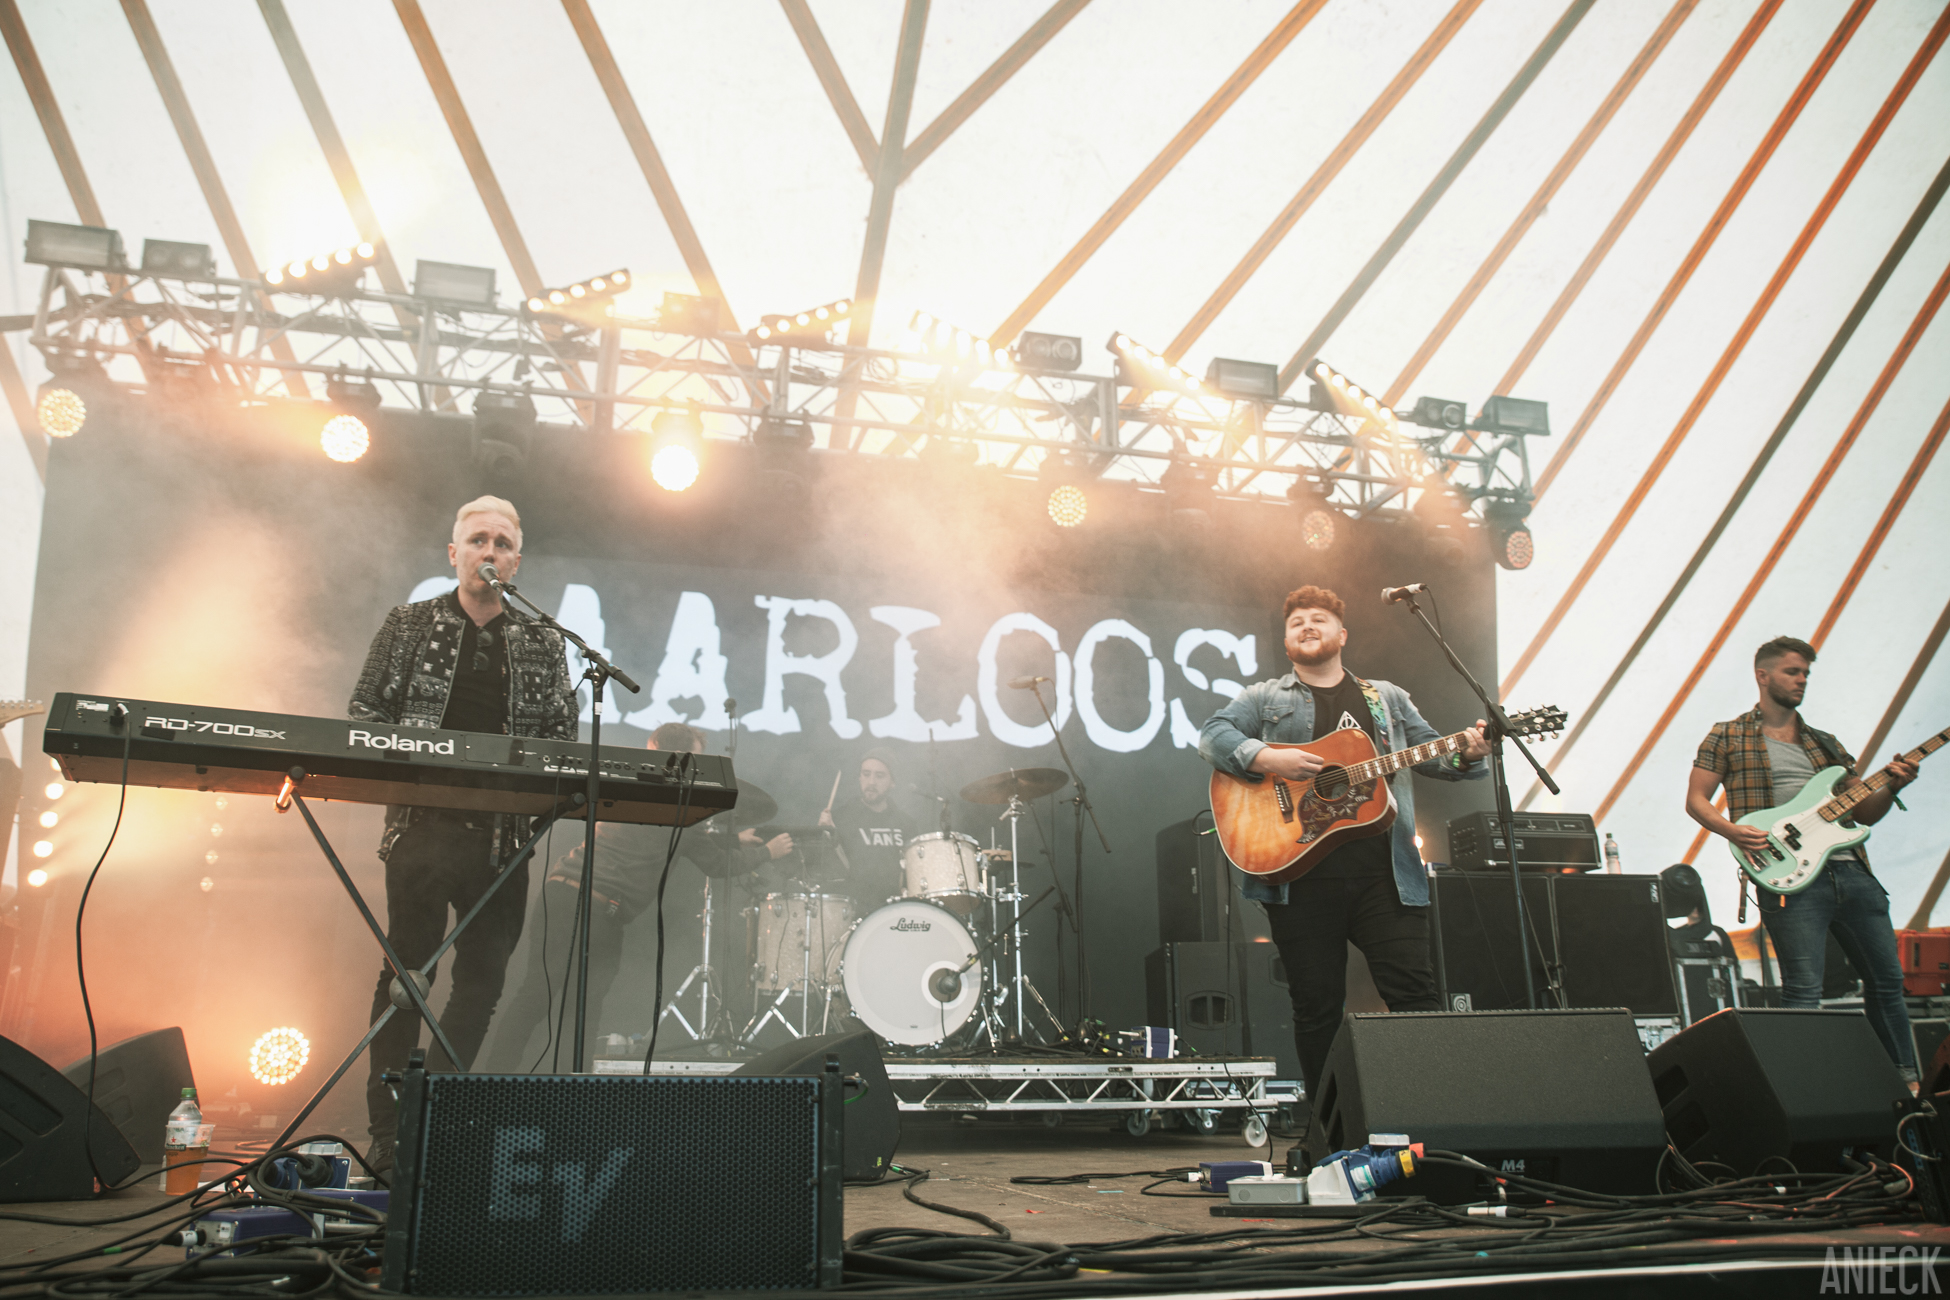 SAARLOOS-01